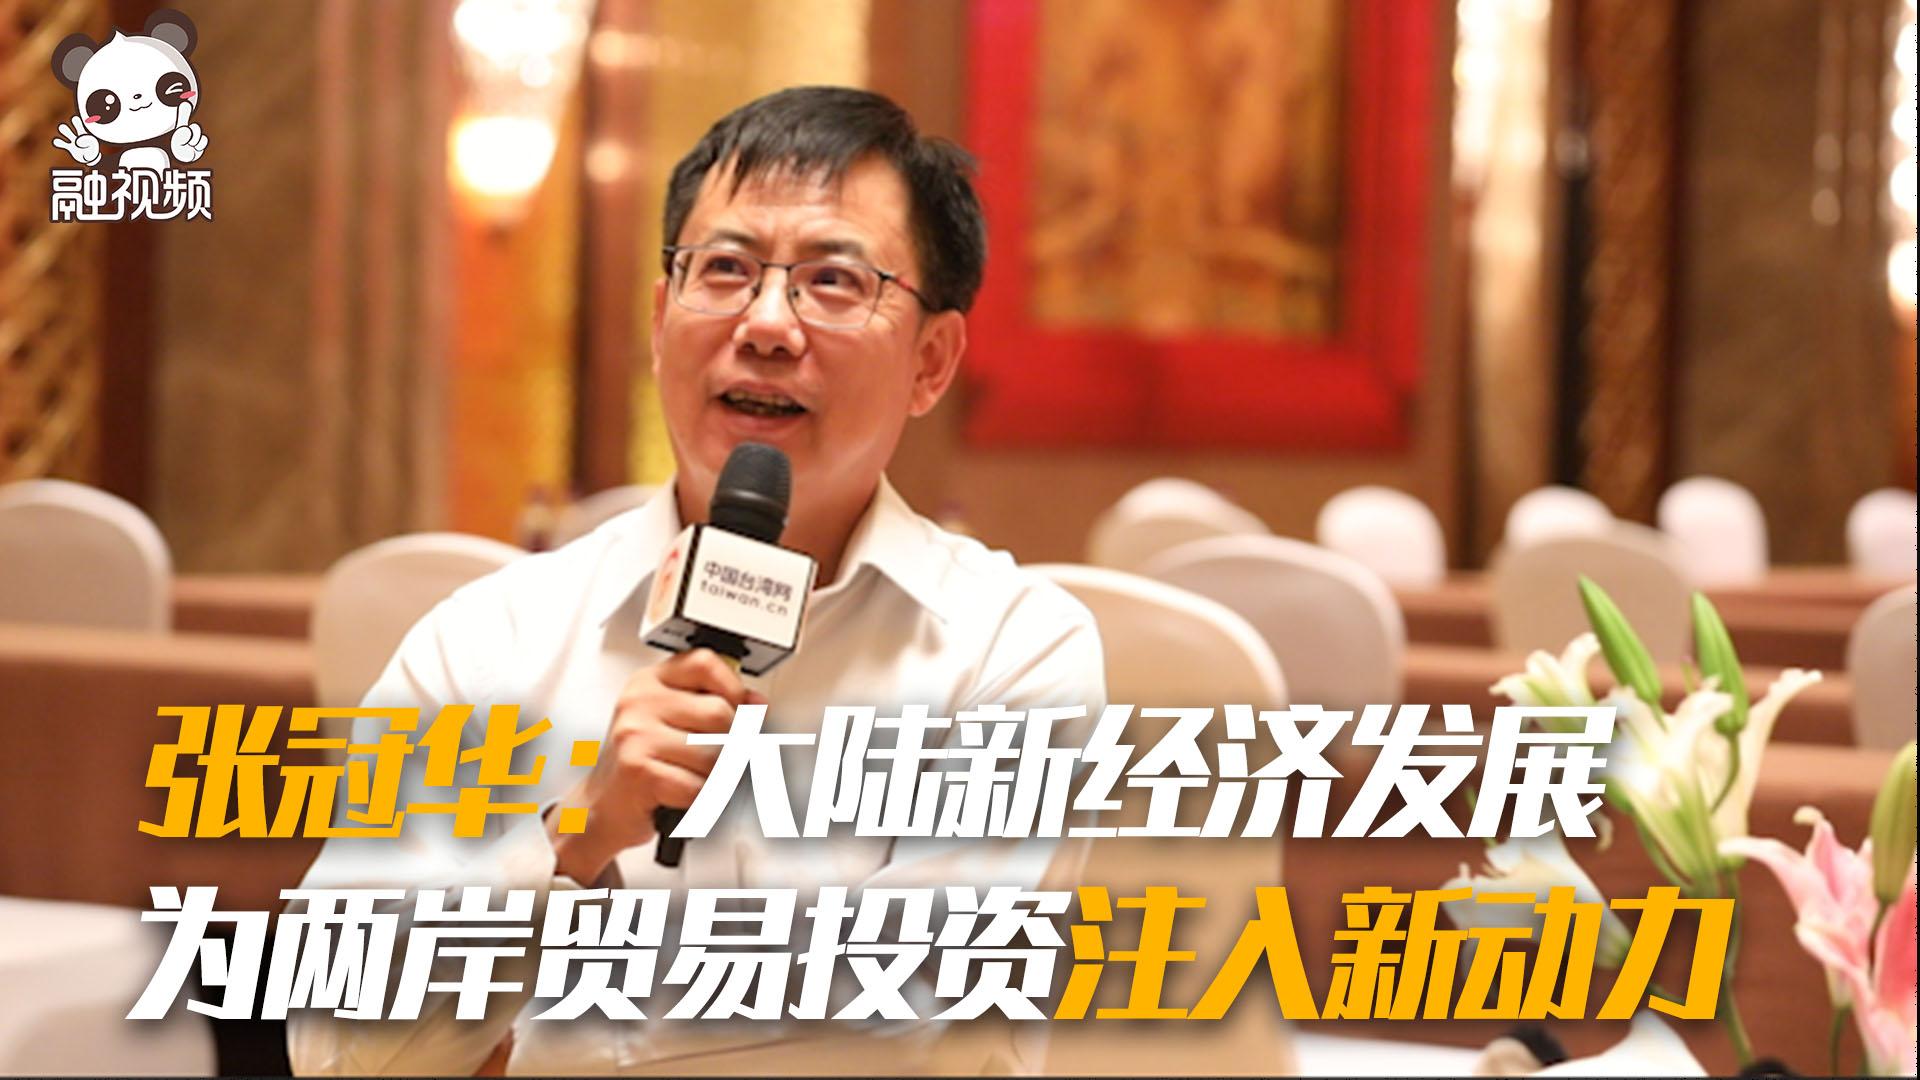 张冠华:大陆新经济发展将成为拉动两岸贸易投资新动力图片